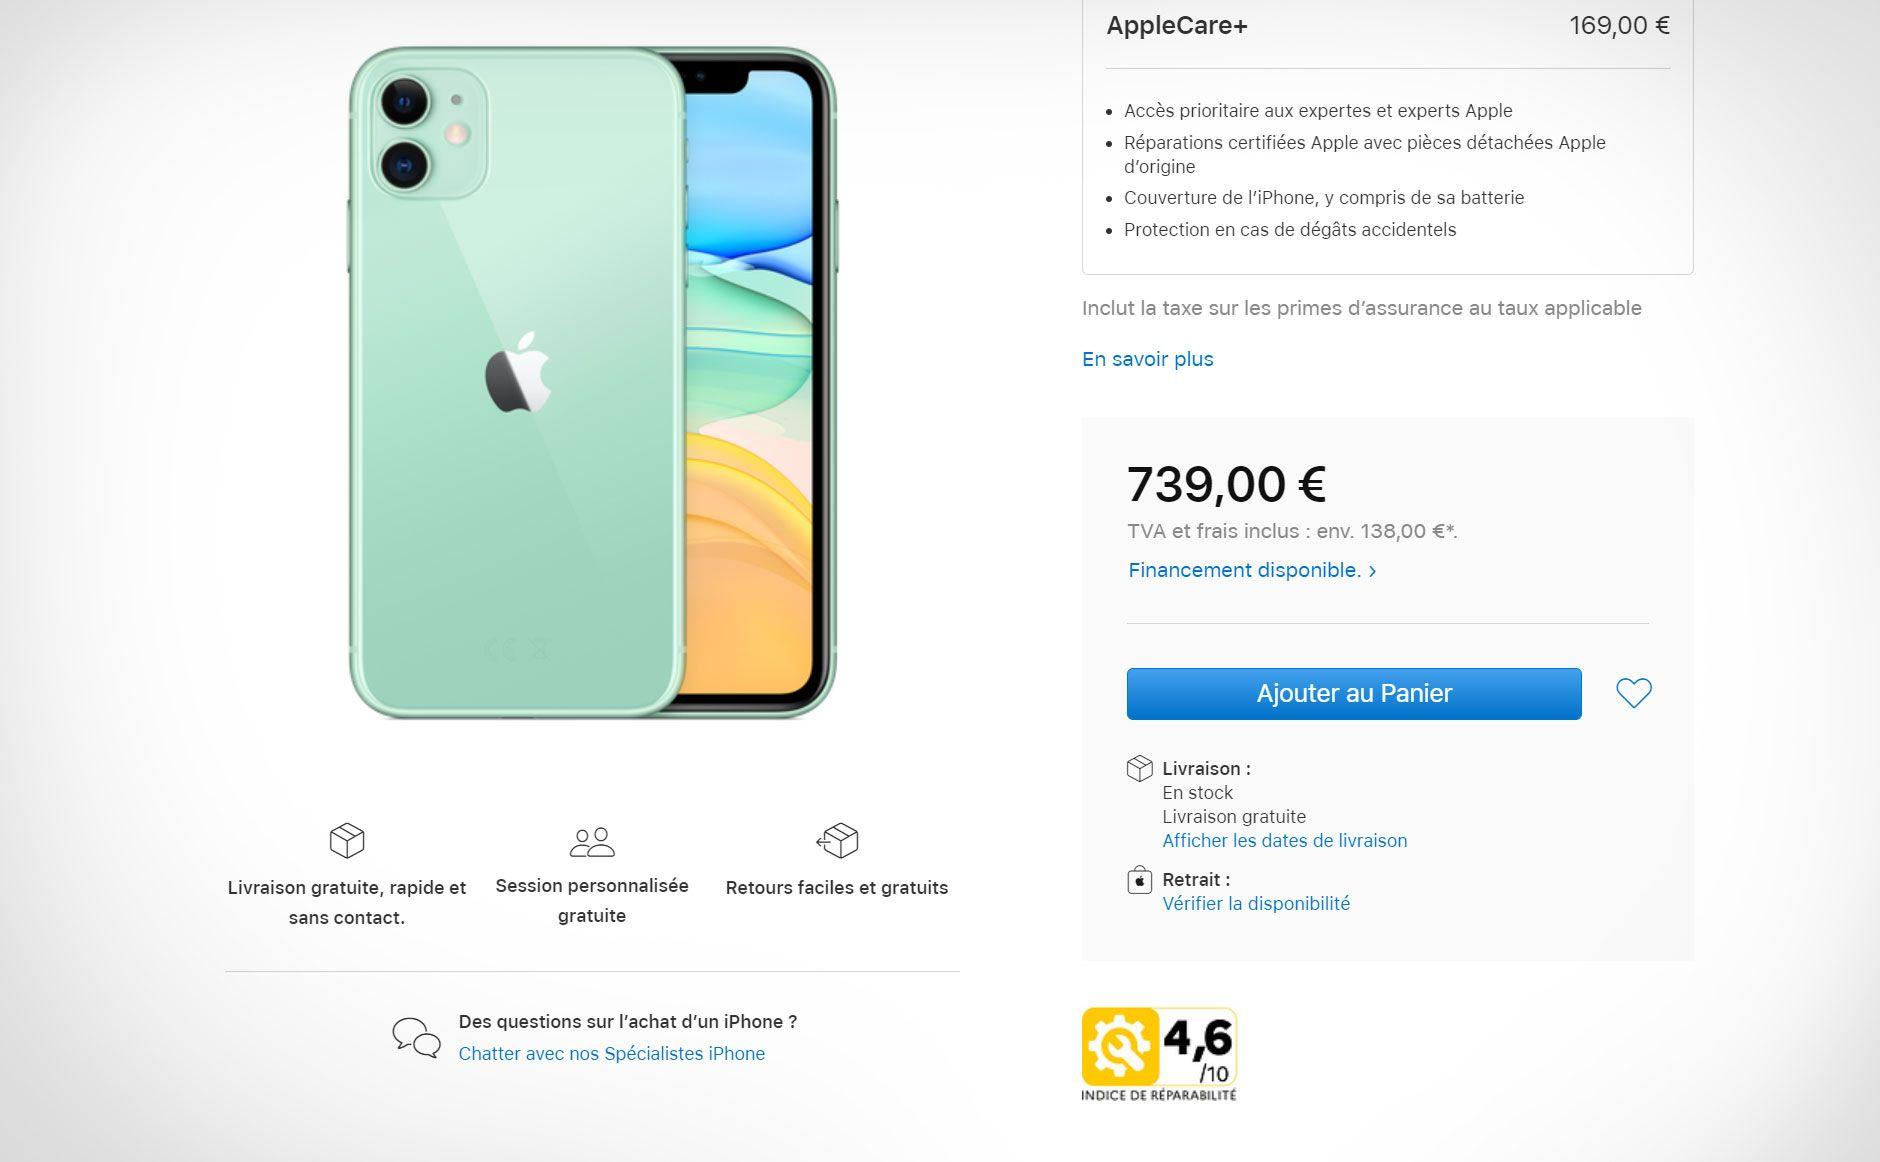 iPhone Xr får en score på bare 4,6